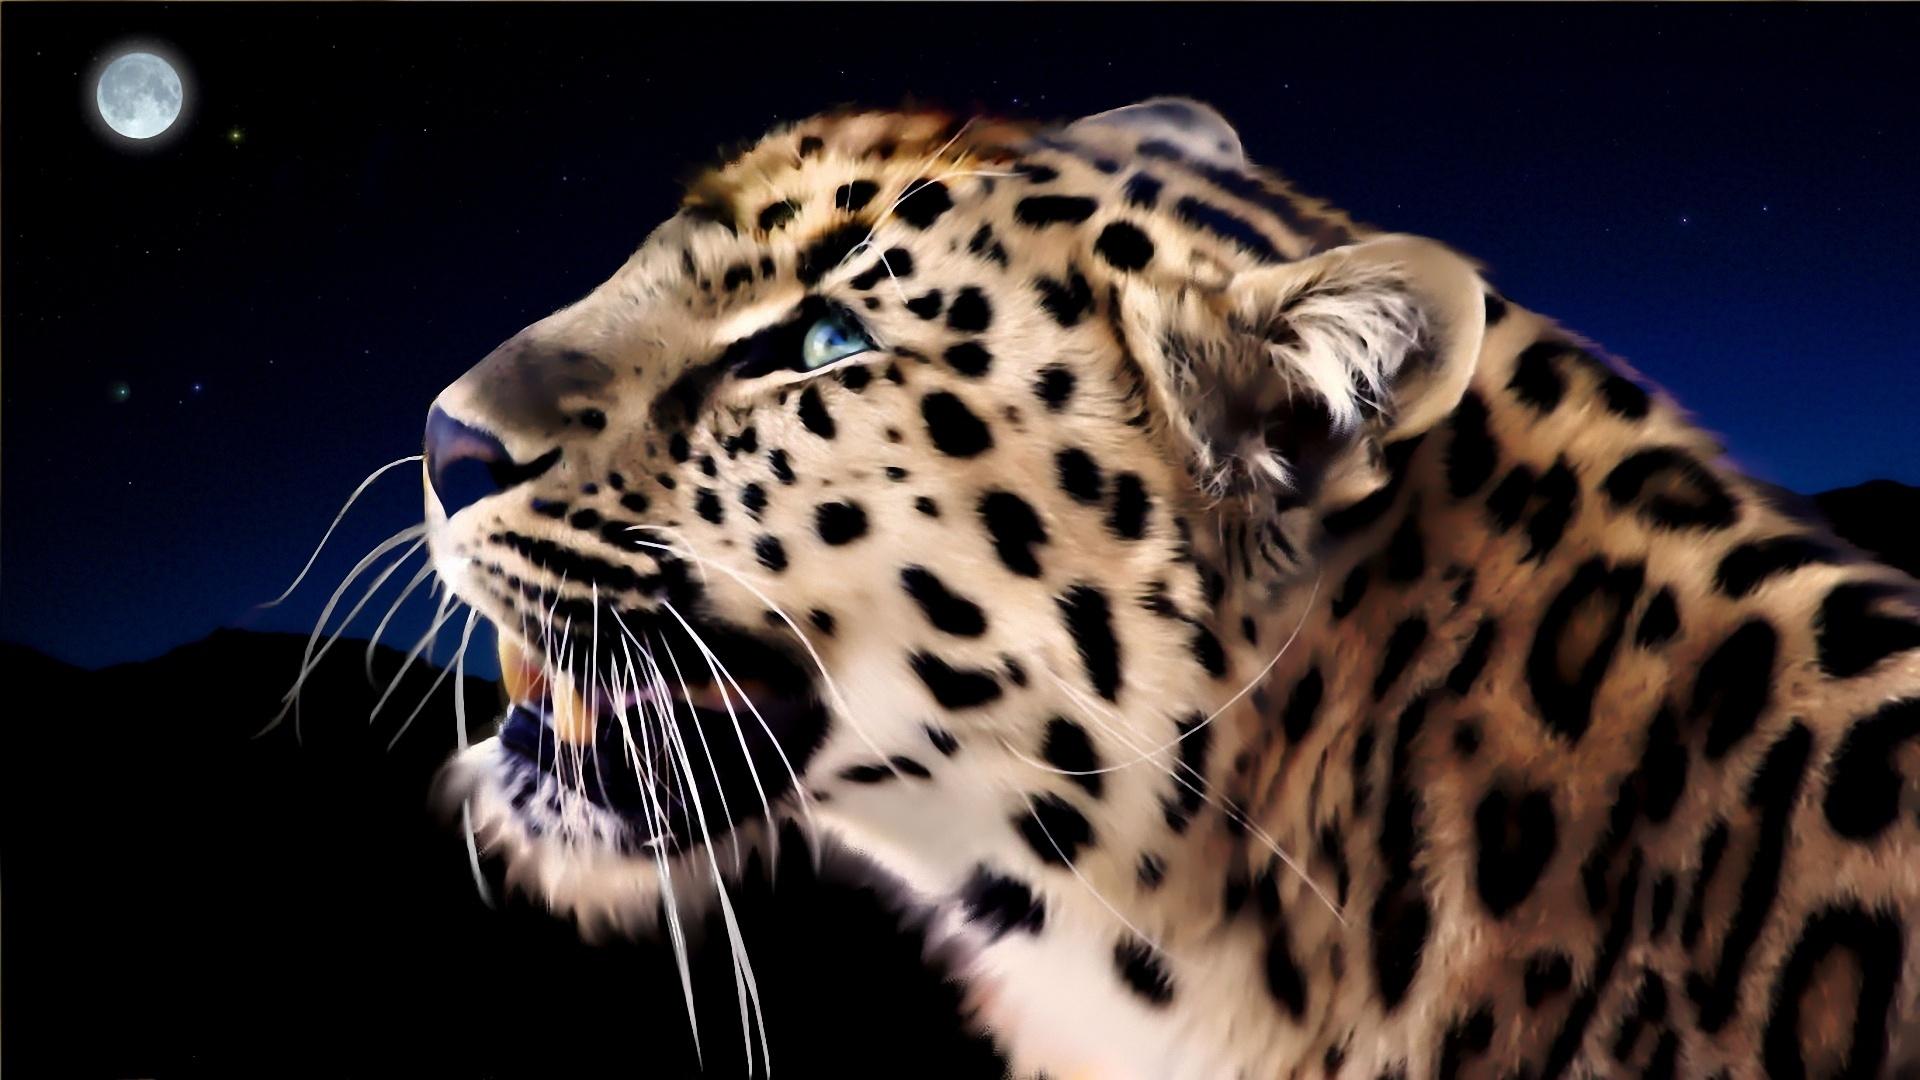 Animales Felino Leopardos Fondo De Pantalla Fondos De: Group Of De Escritorio Leopardos